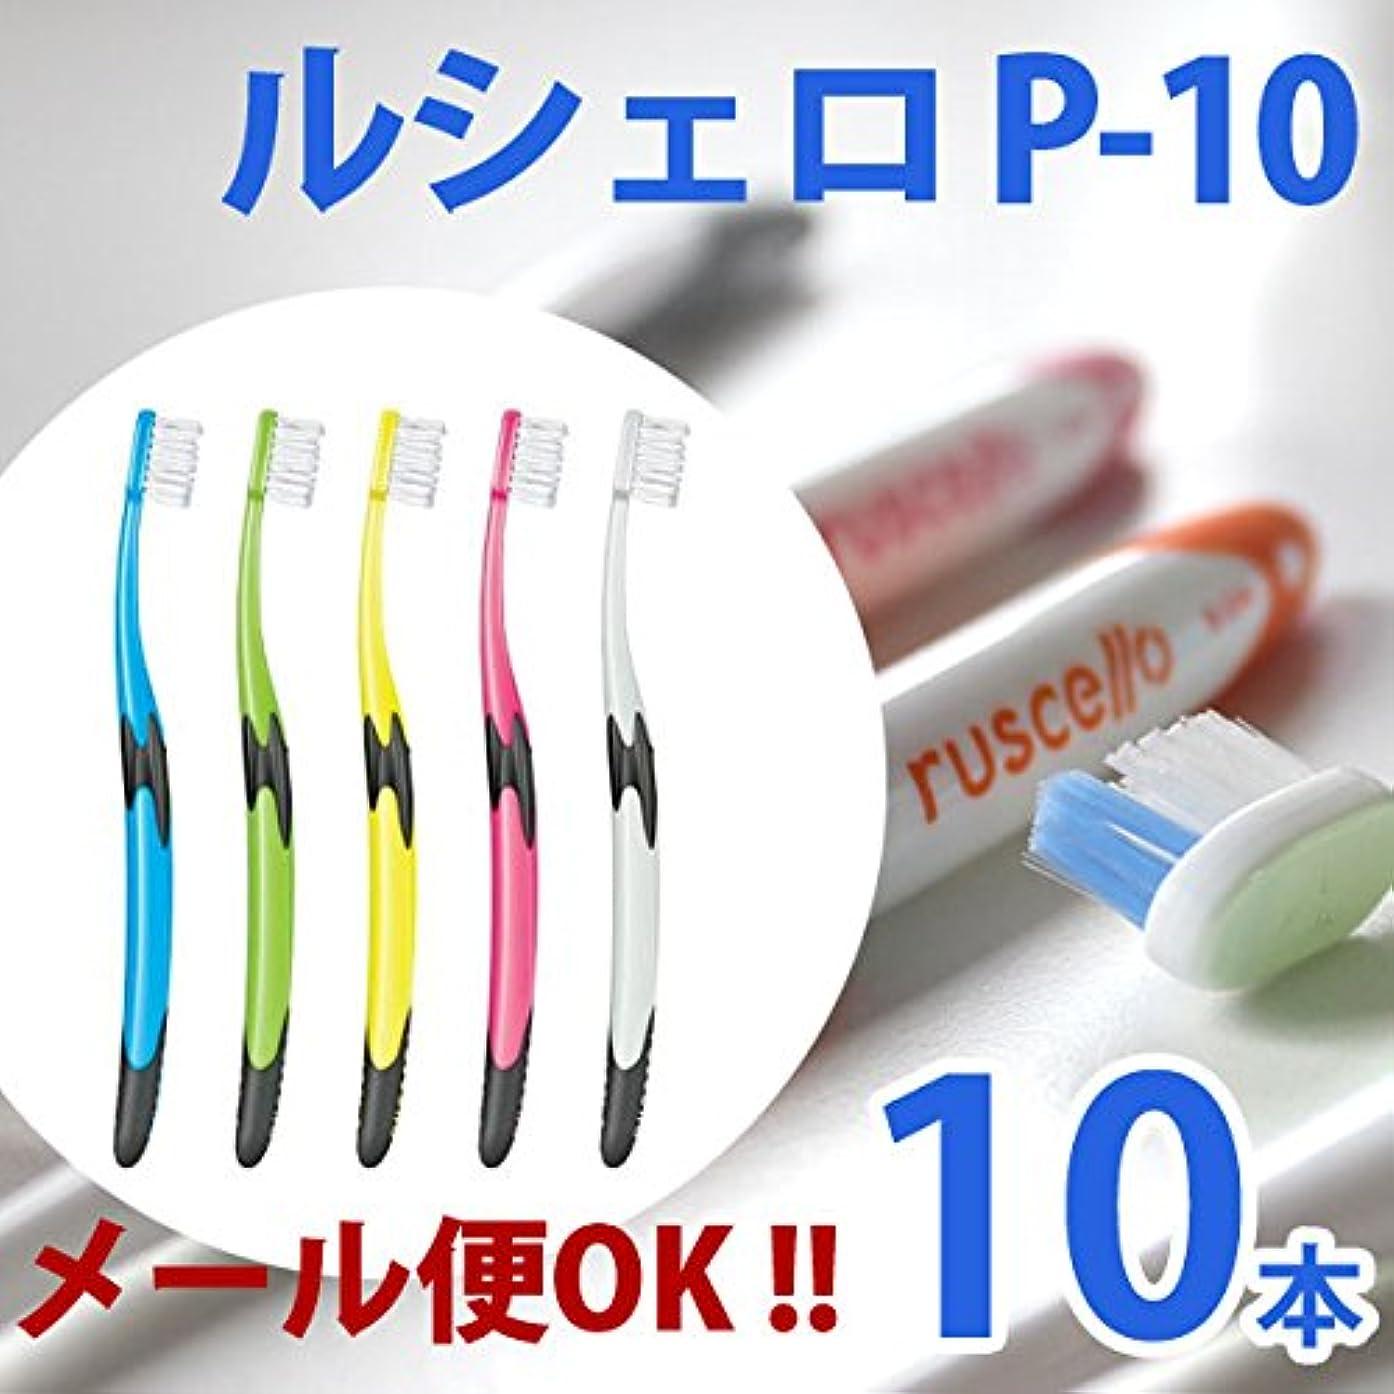 一時停止自分の力ですべてをするペンフレンドルシェロ GCシェロ 歯ブラシP-10 5色アソート 10本セット 歯周疾患の方向け。極細のテーパー毛が S